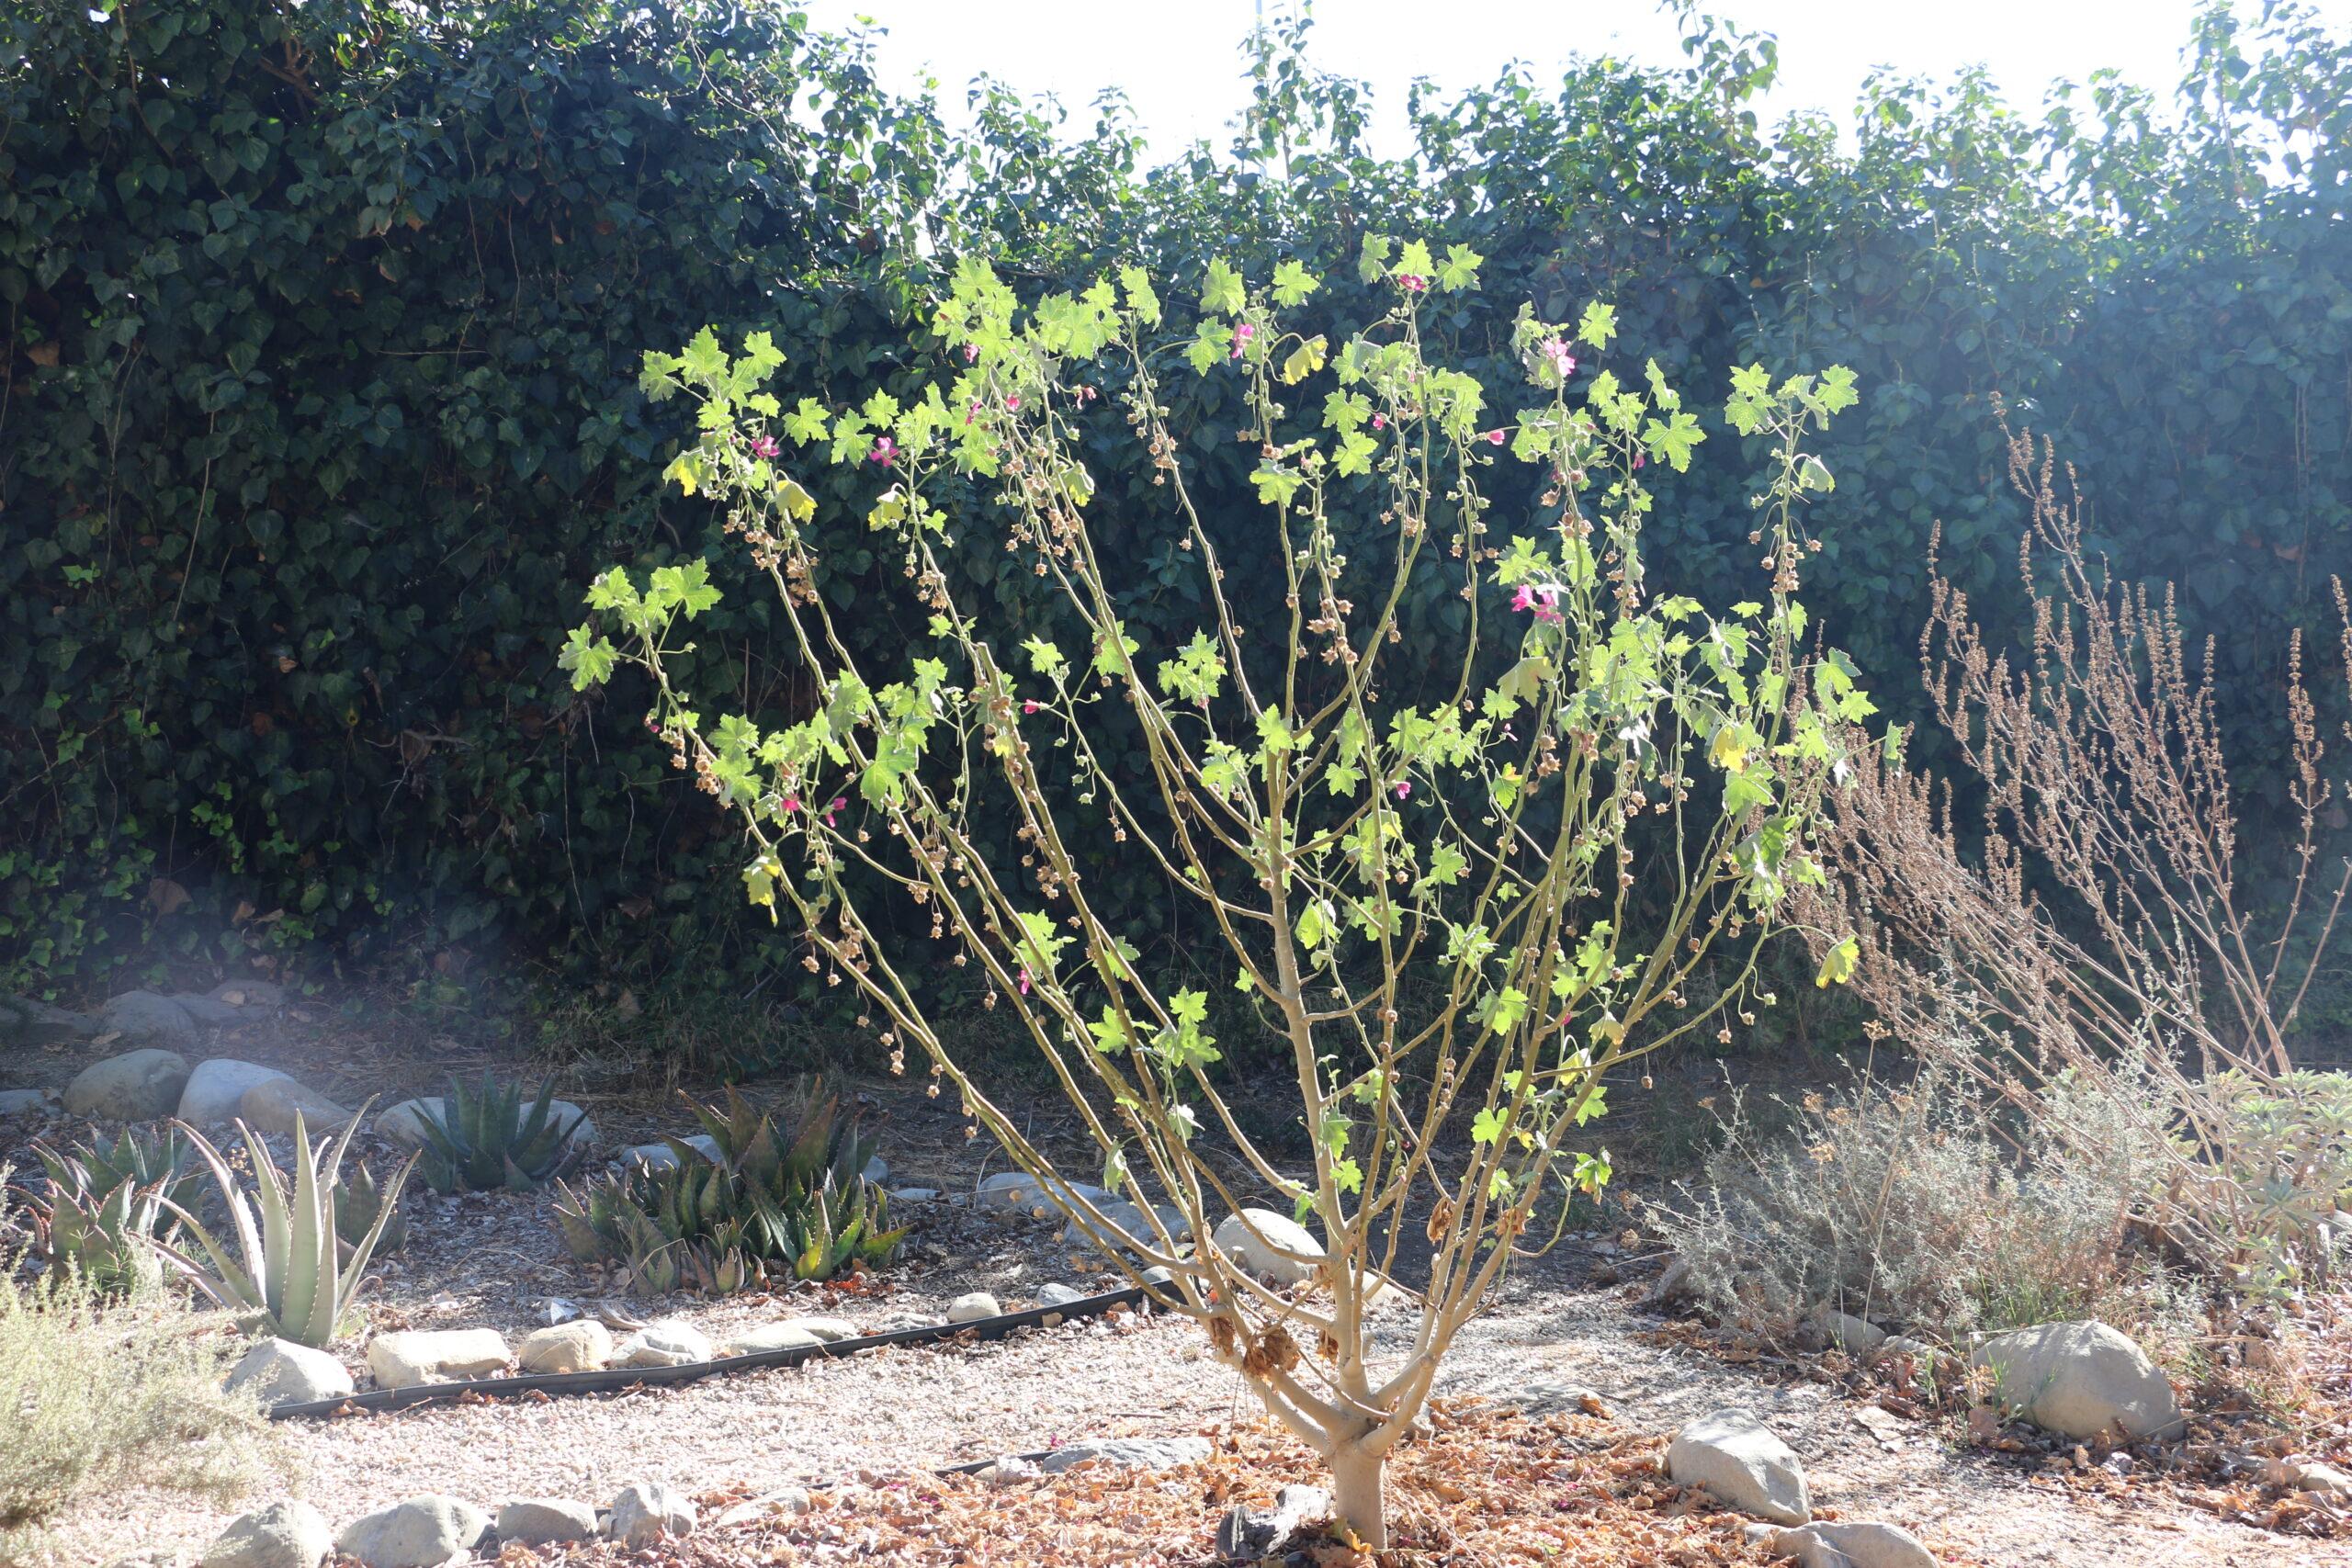 Springs medicine graden flowered tree